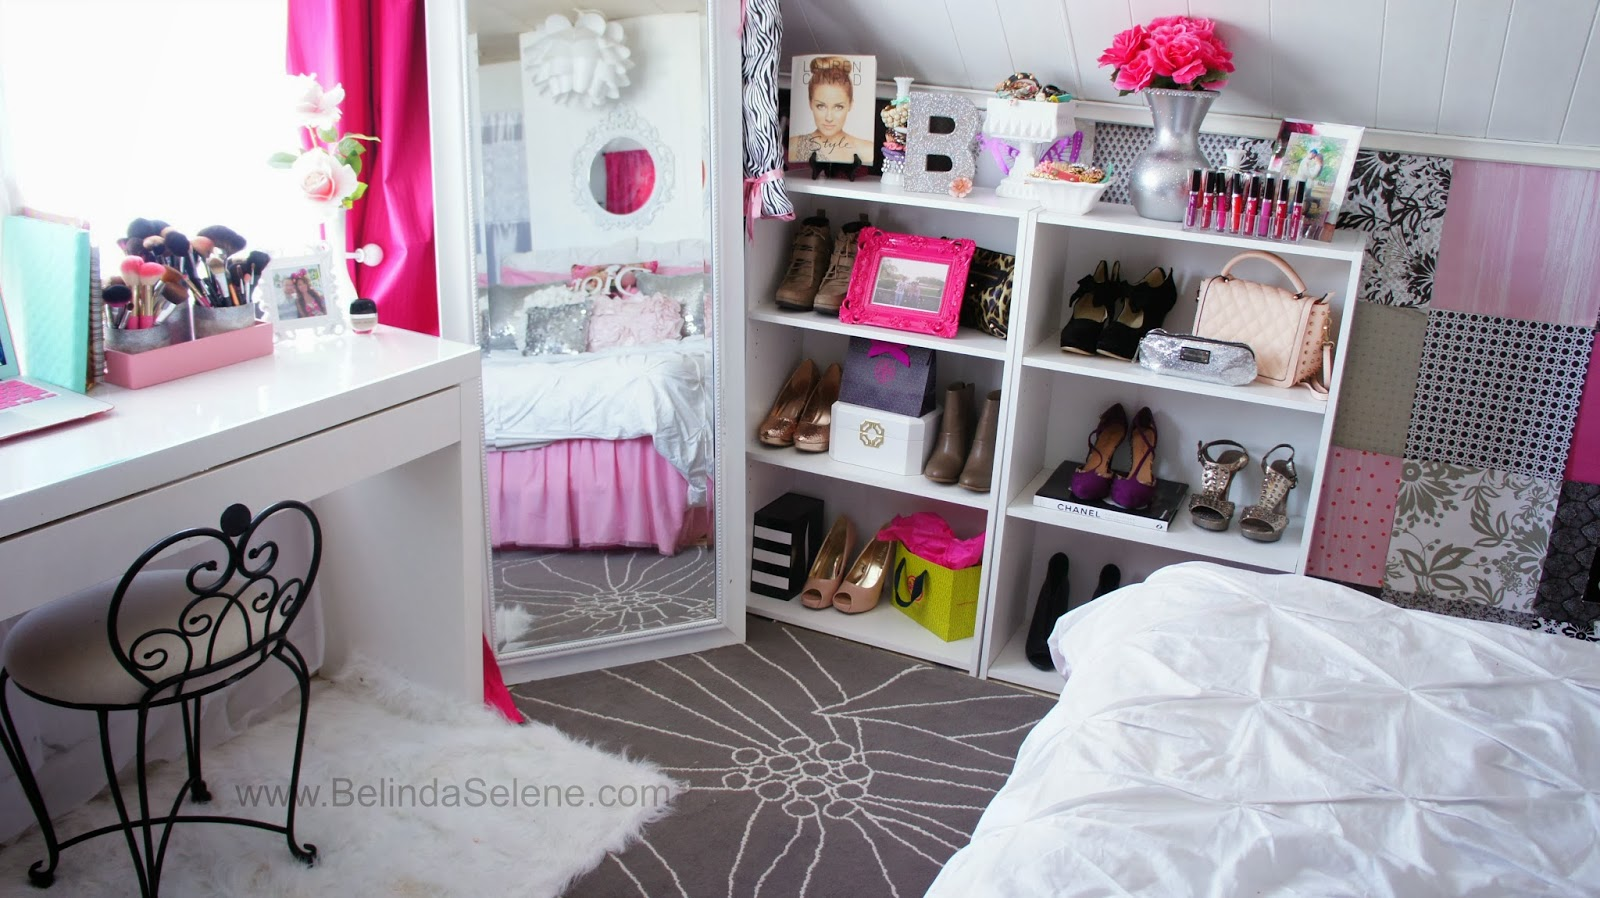 Belindaselene modern shabby chic room tour for Make your room